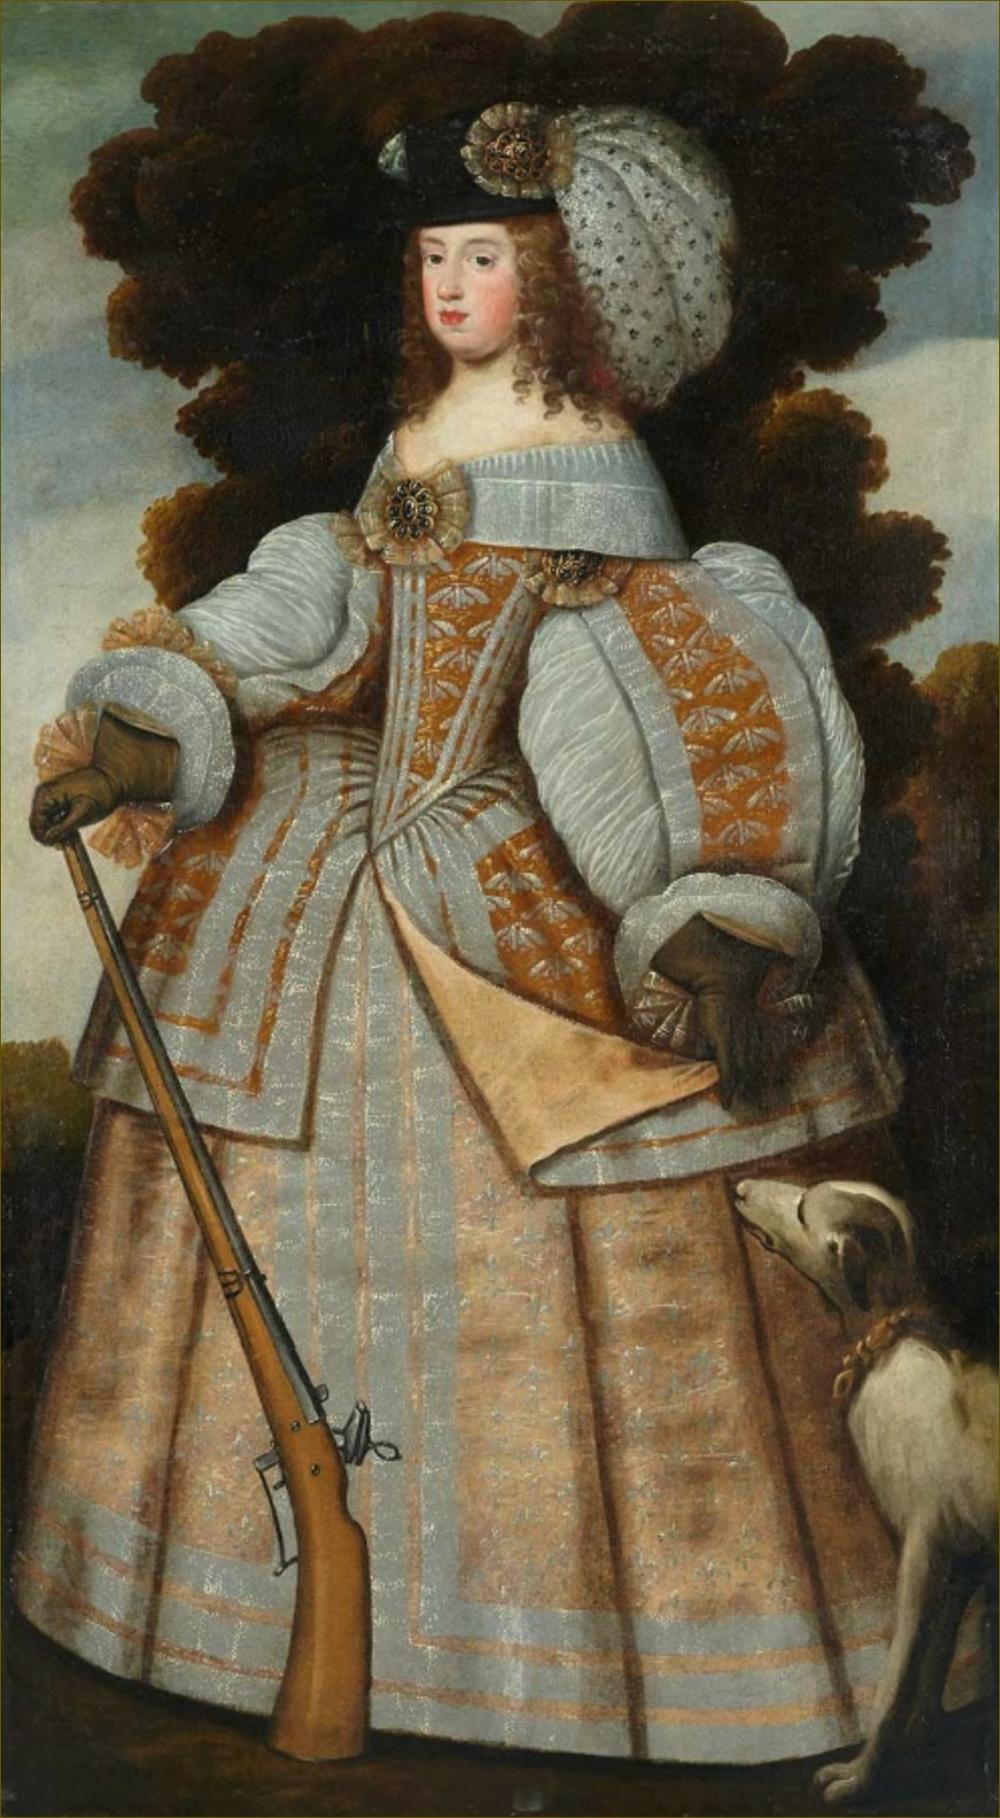 Marie-Thérèse d'Autriche, infante d'Espagne, reine de France, en habit de chasse, vers 1659-60